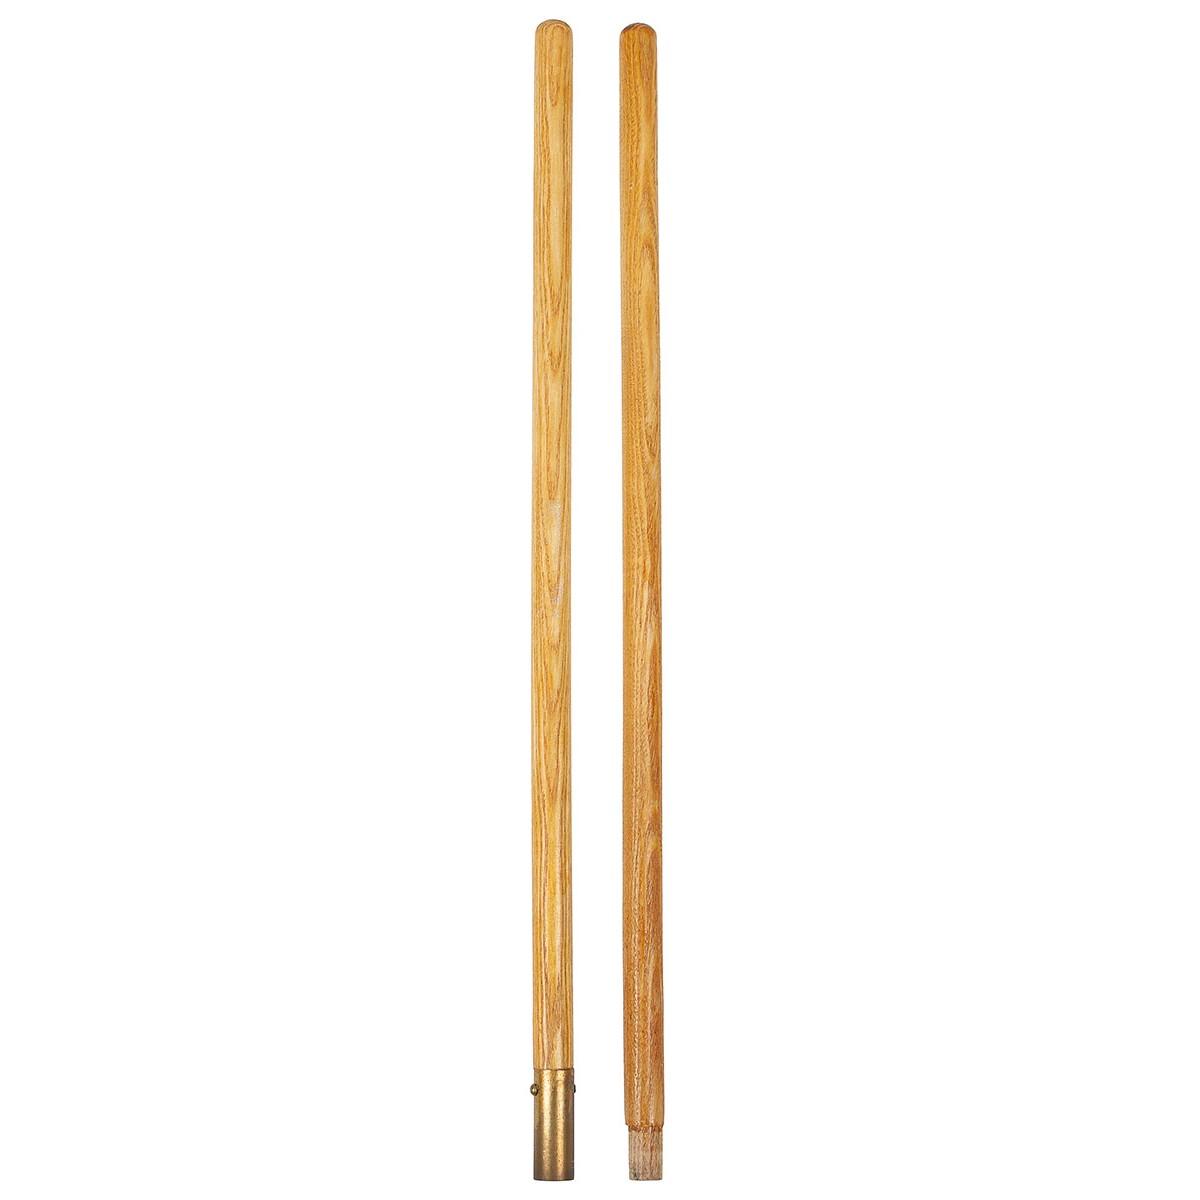 Tyè stanová døevìná 2-díly cca 108cm - zvìtšit obrázek